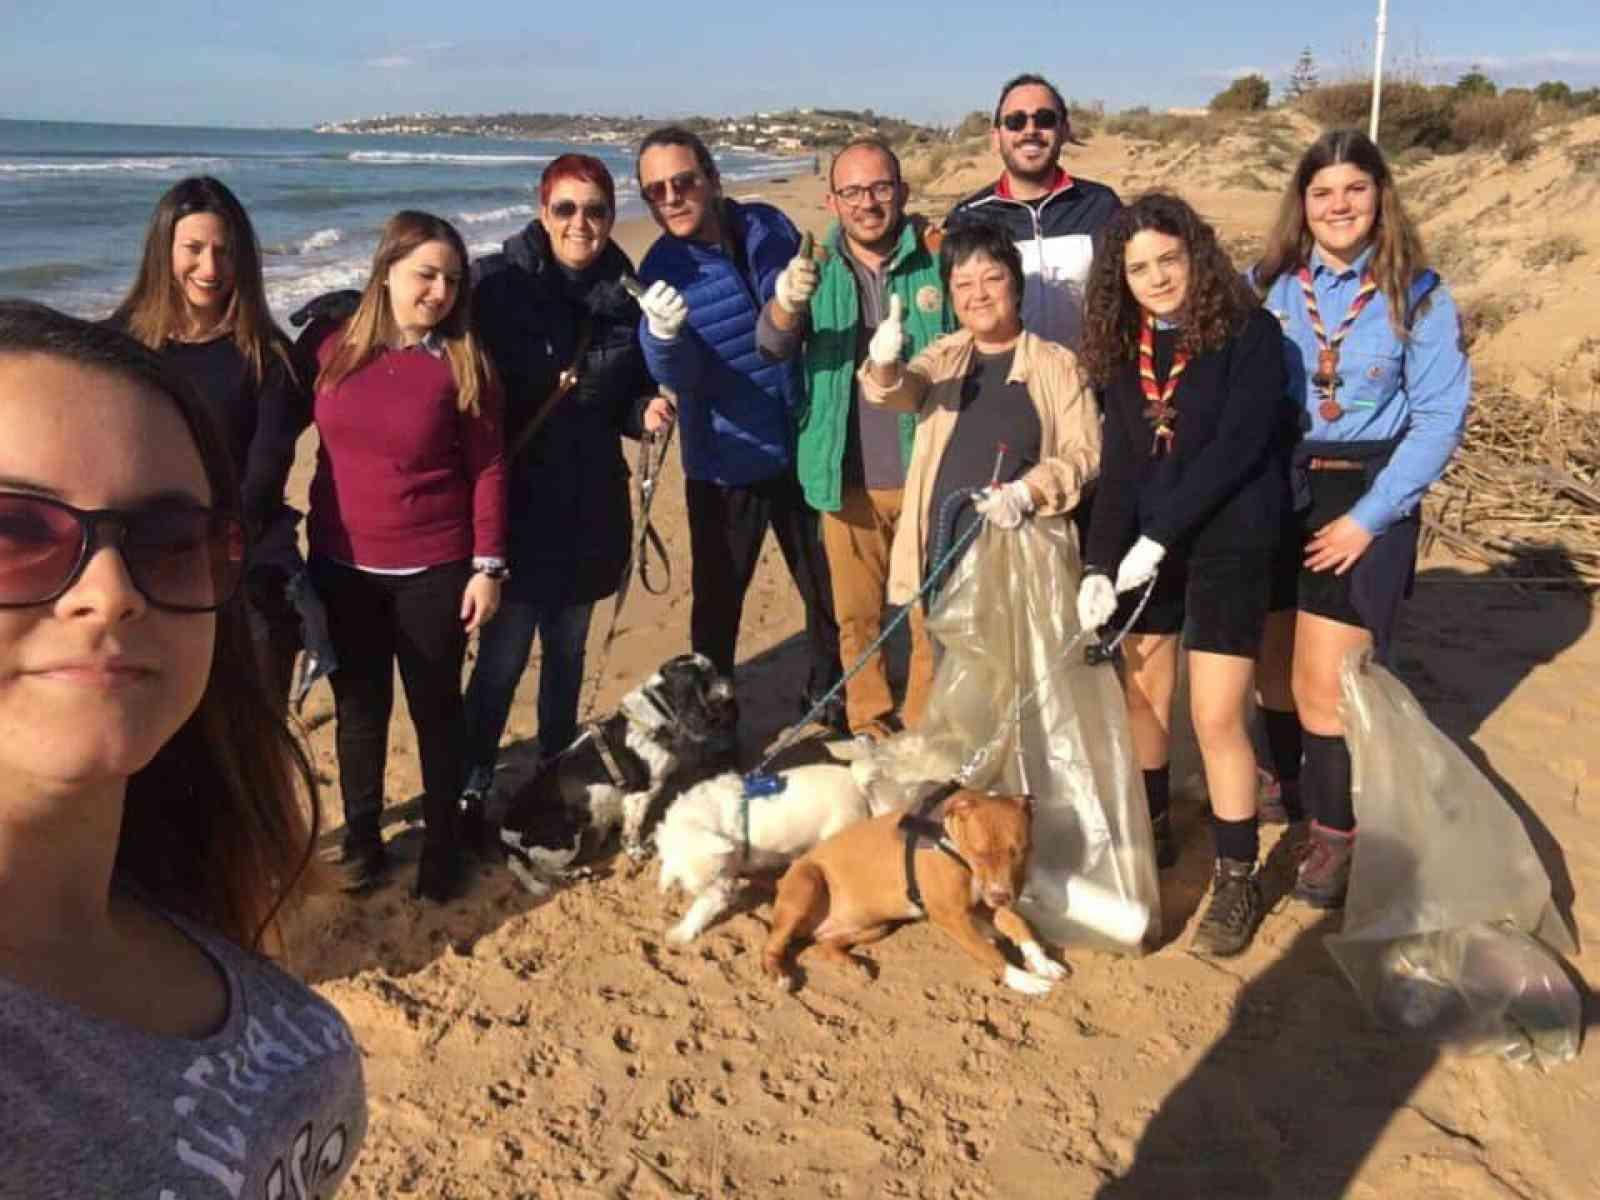 """Immagine articolo: Iniziativa """"Spiagge Plastic Free"""" tra Menfi, Sciacca ed Agrigento. Volontari in campo per liberare la costa dalla plastica"""